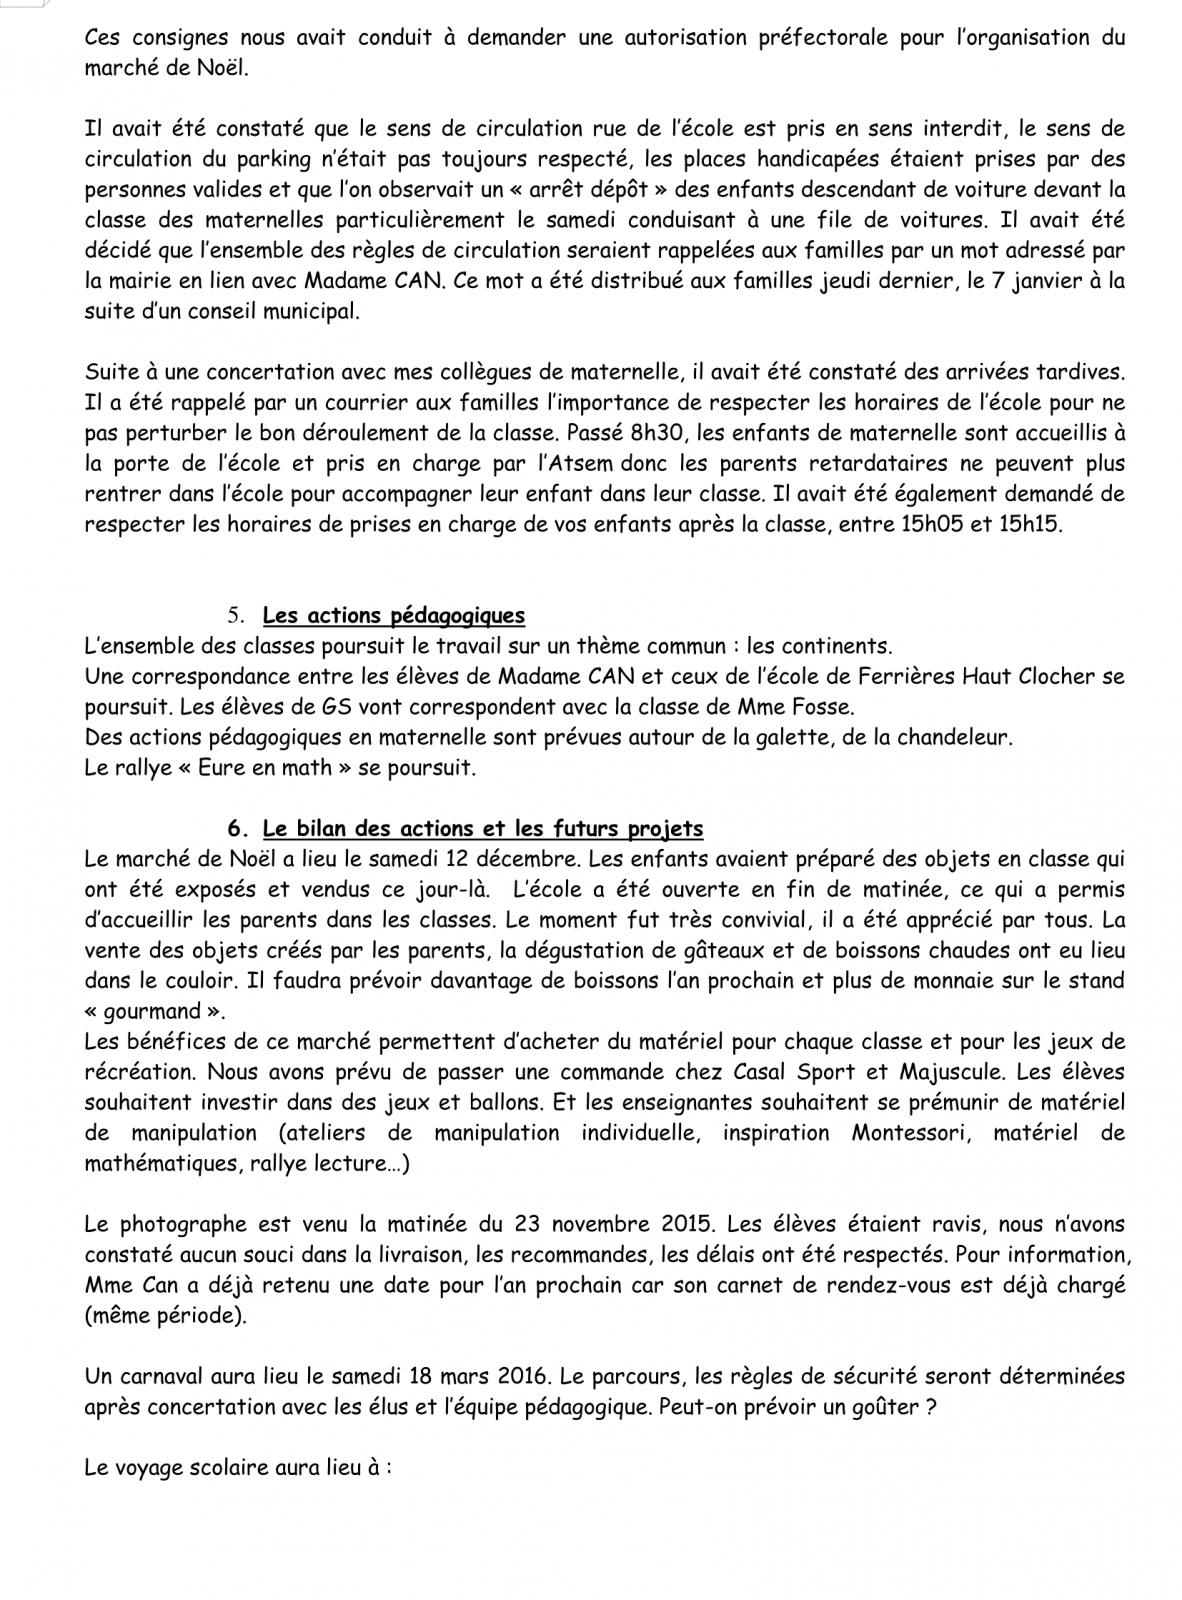 PV Conseil d'école 16 Janvier 2016 Page 5